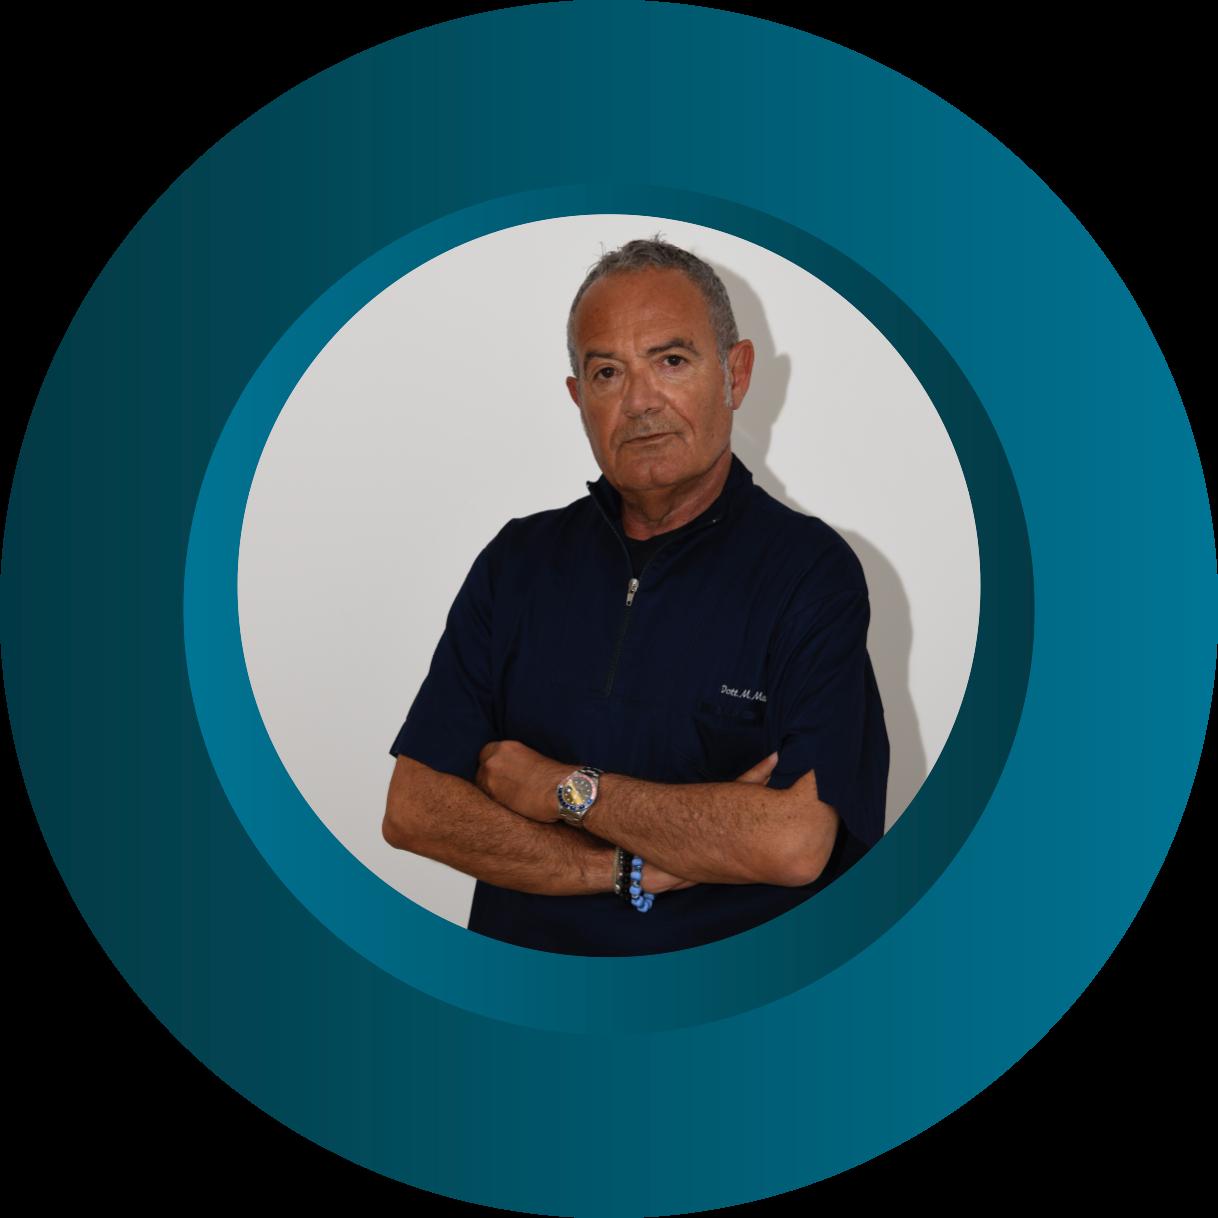 Dott. Marcello Marzia